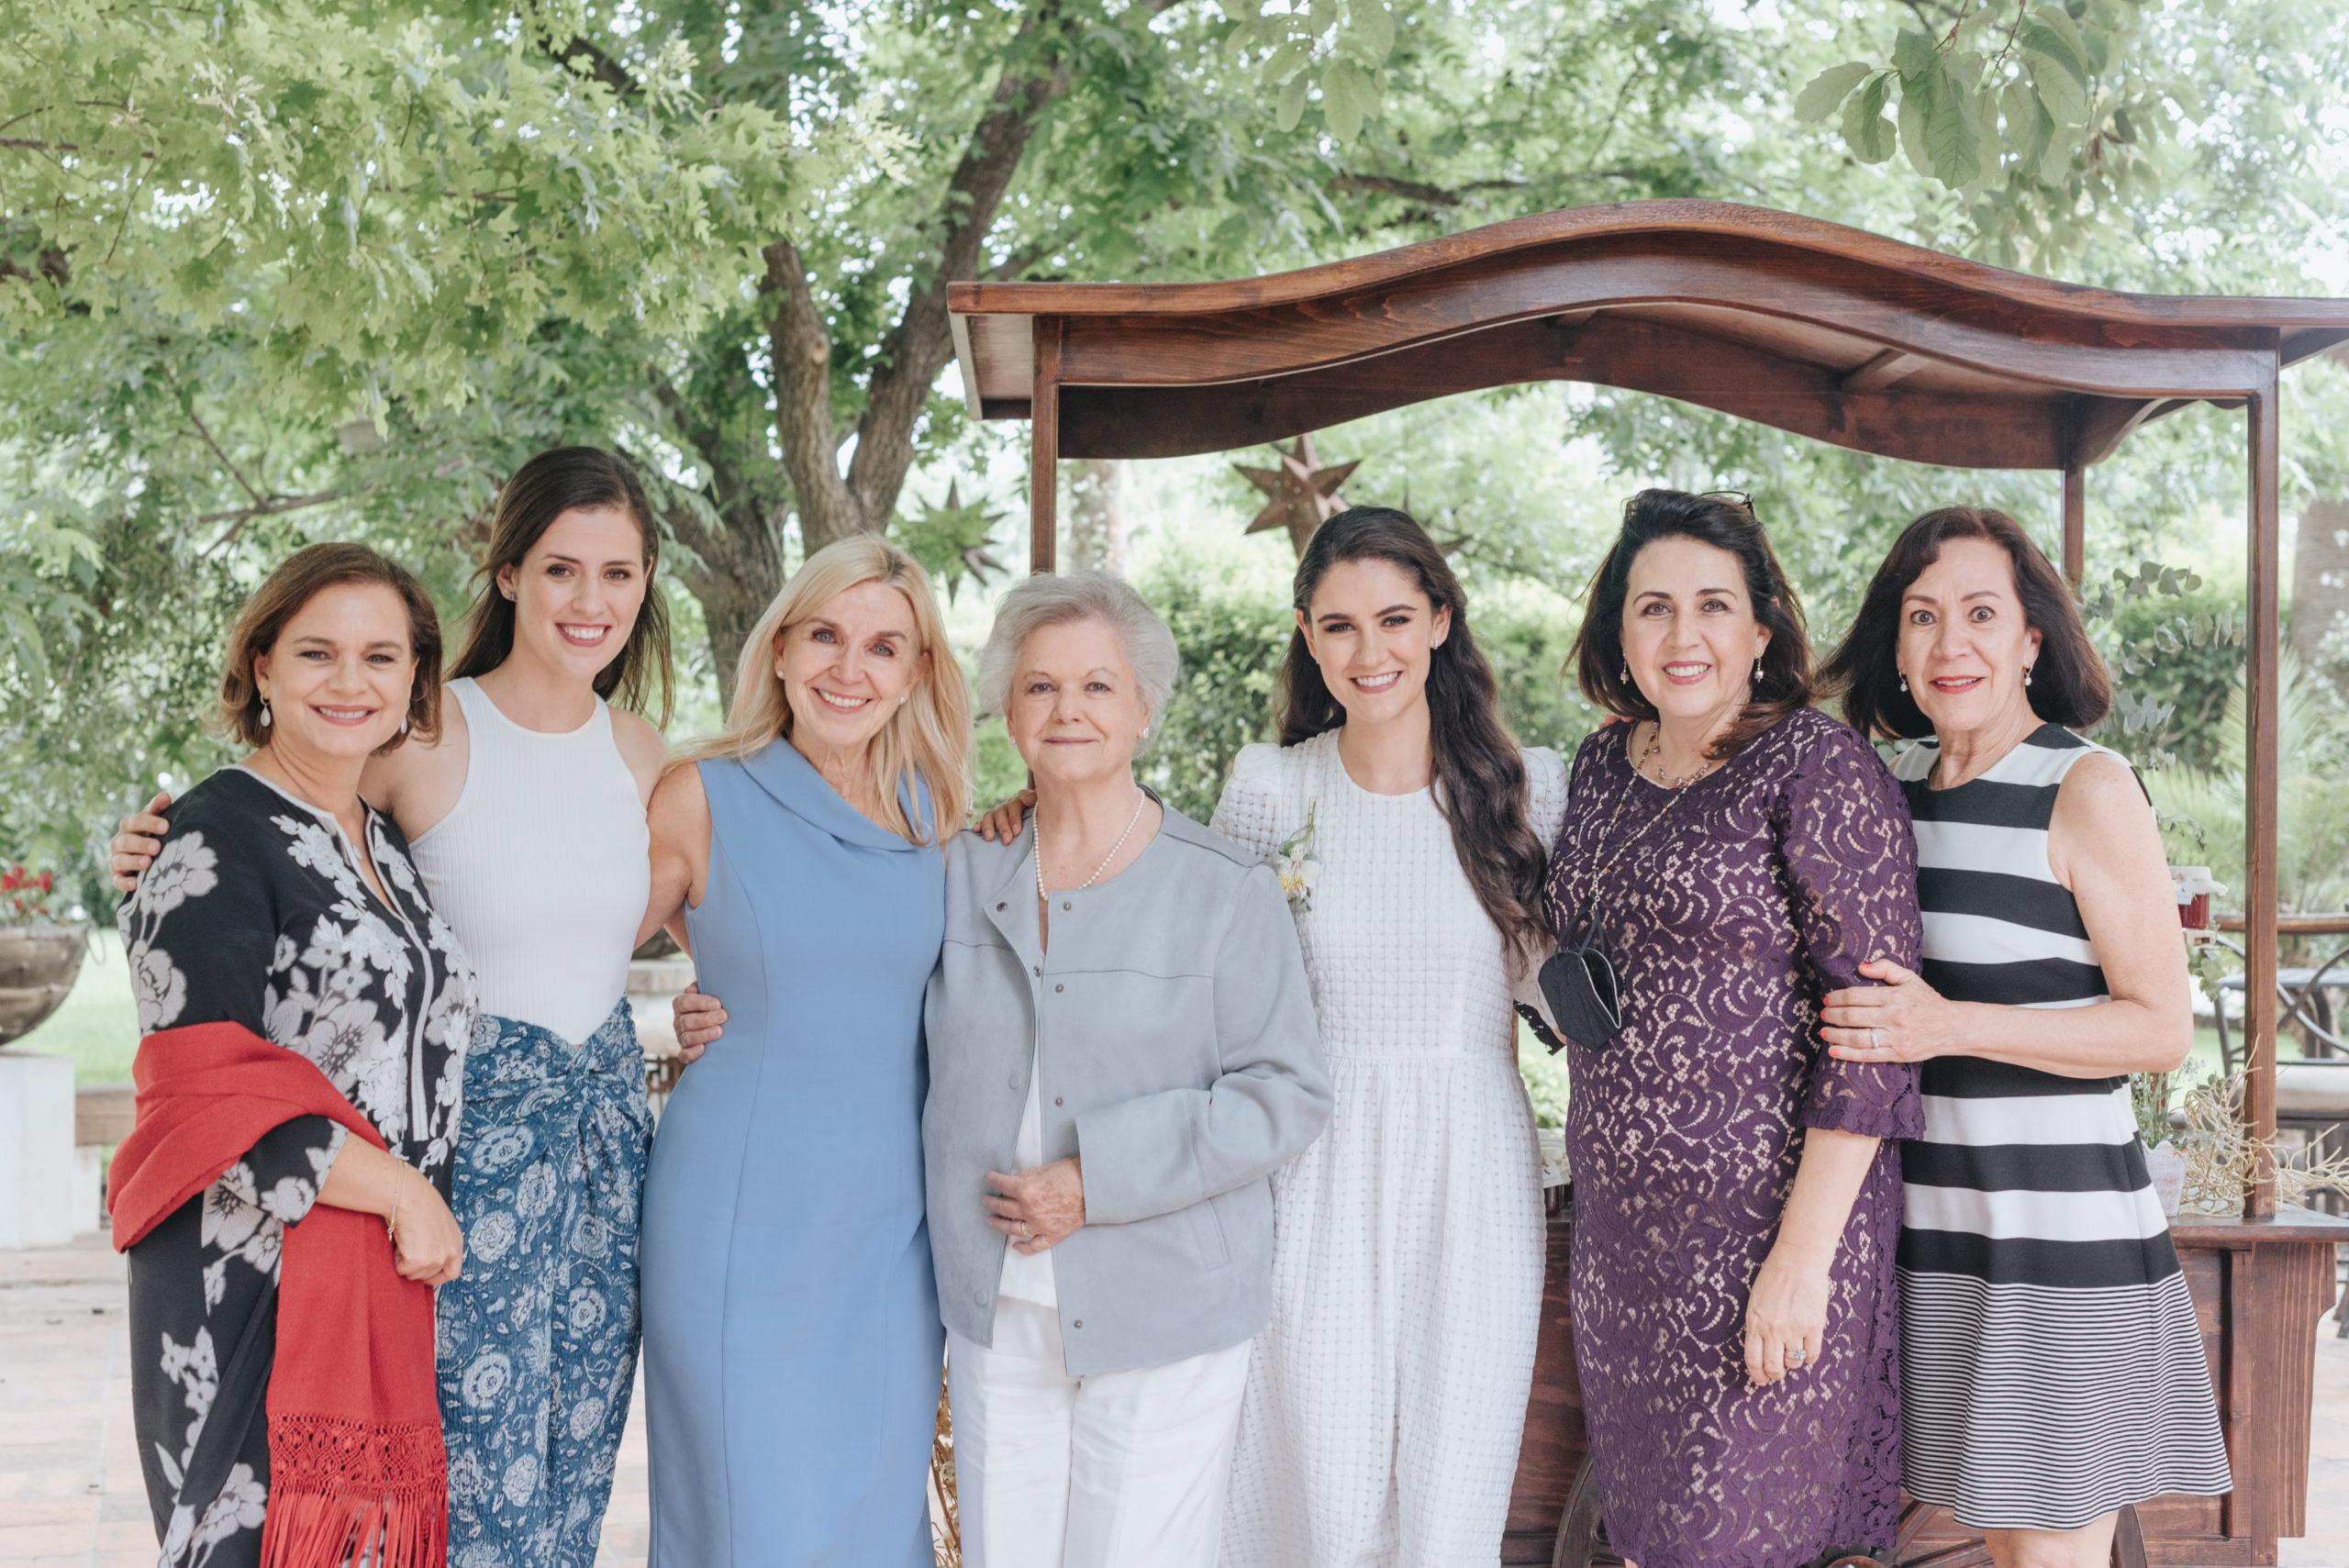 Lena Rodríguez, Sofía Herrera, Edurne Oronoz, Sofía Villarreal, Ana Gaby Herrera, Maru de la peña y Laura Castilla.